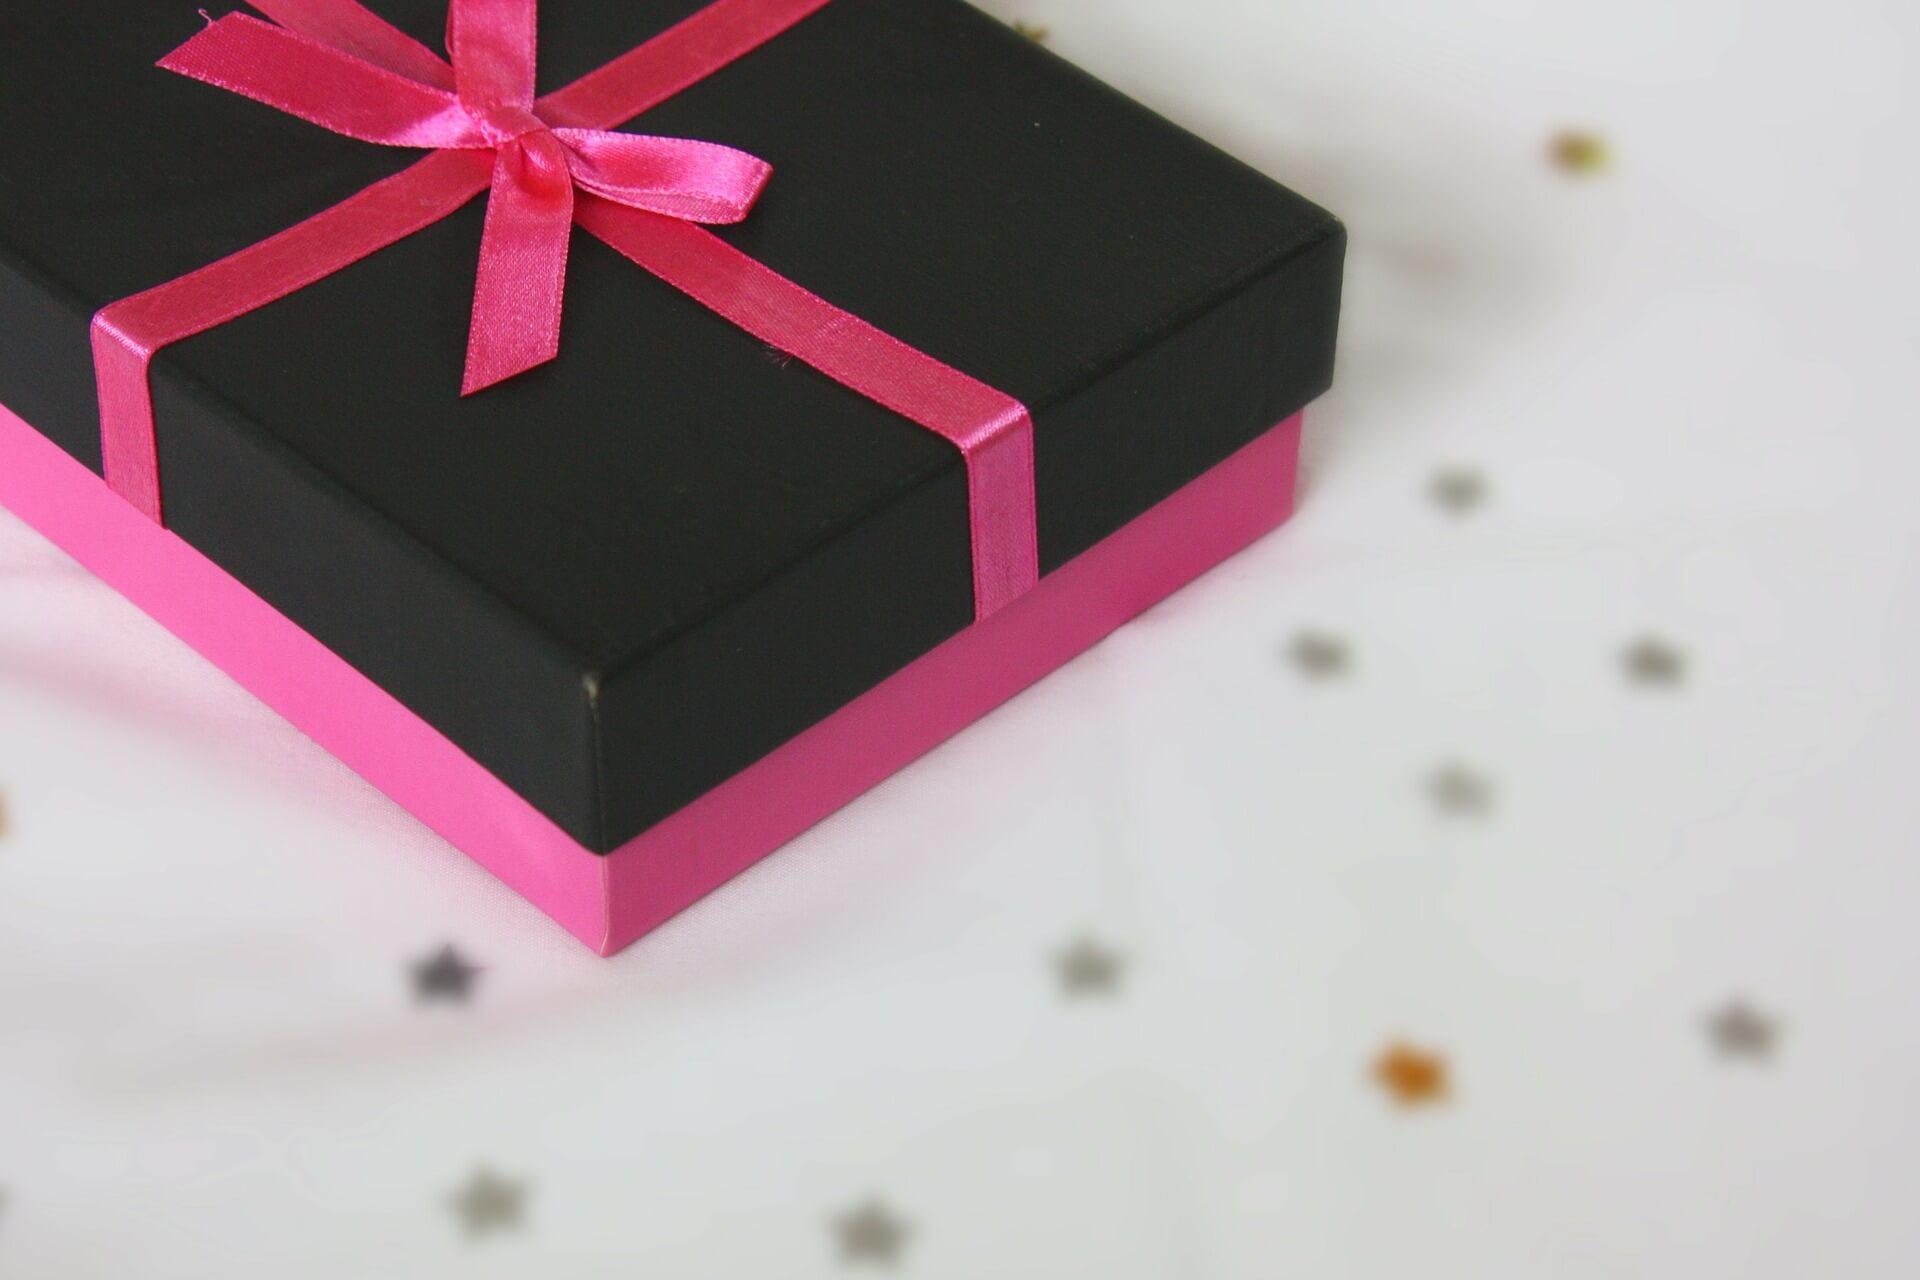 【釣り好きへのプレゼント】2019決定版!ハズさないための事前のジャブ打ち例もご紹介!